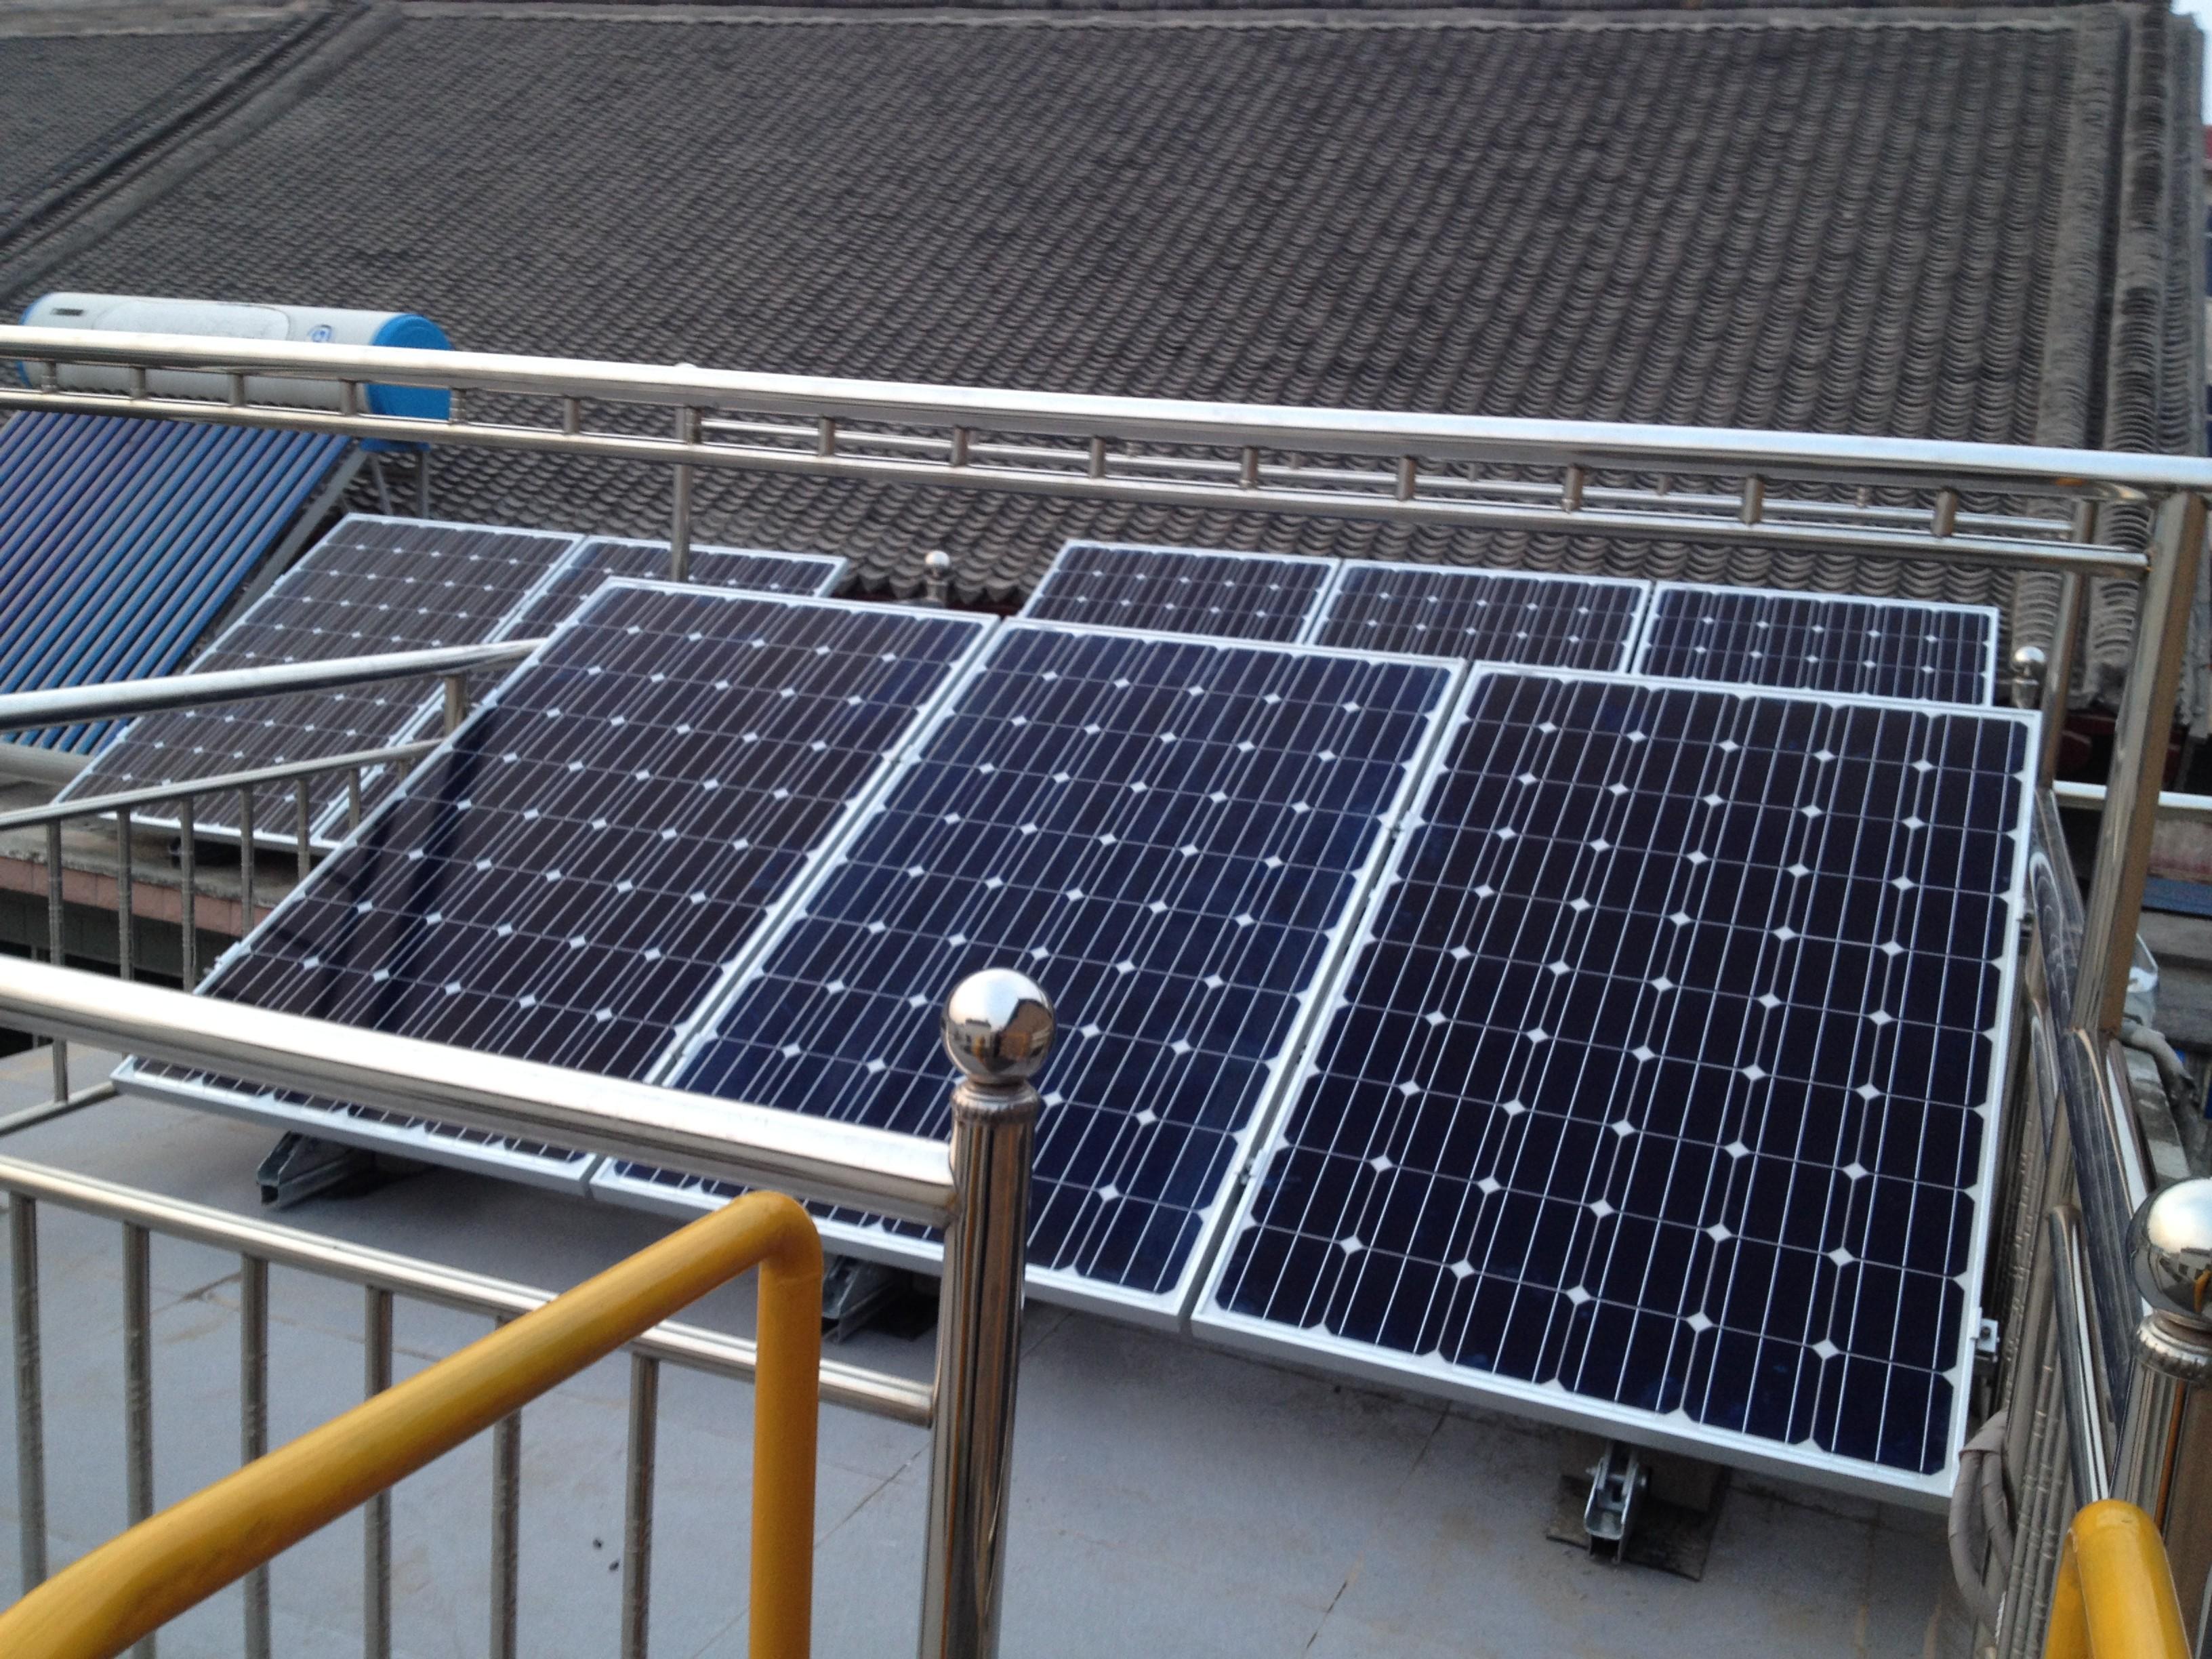 该光伏发电系统光伏电池组件采用单晶硅电池组件,总装机量为2kw.